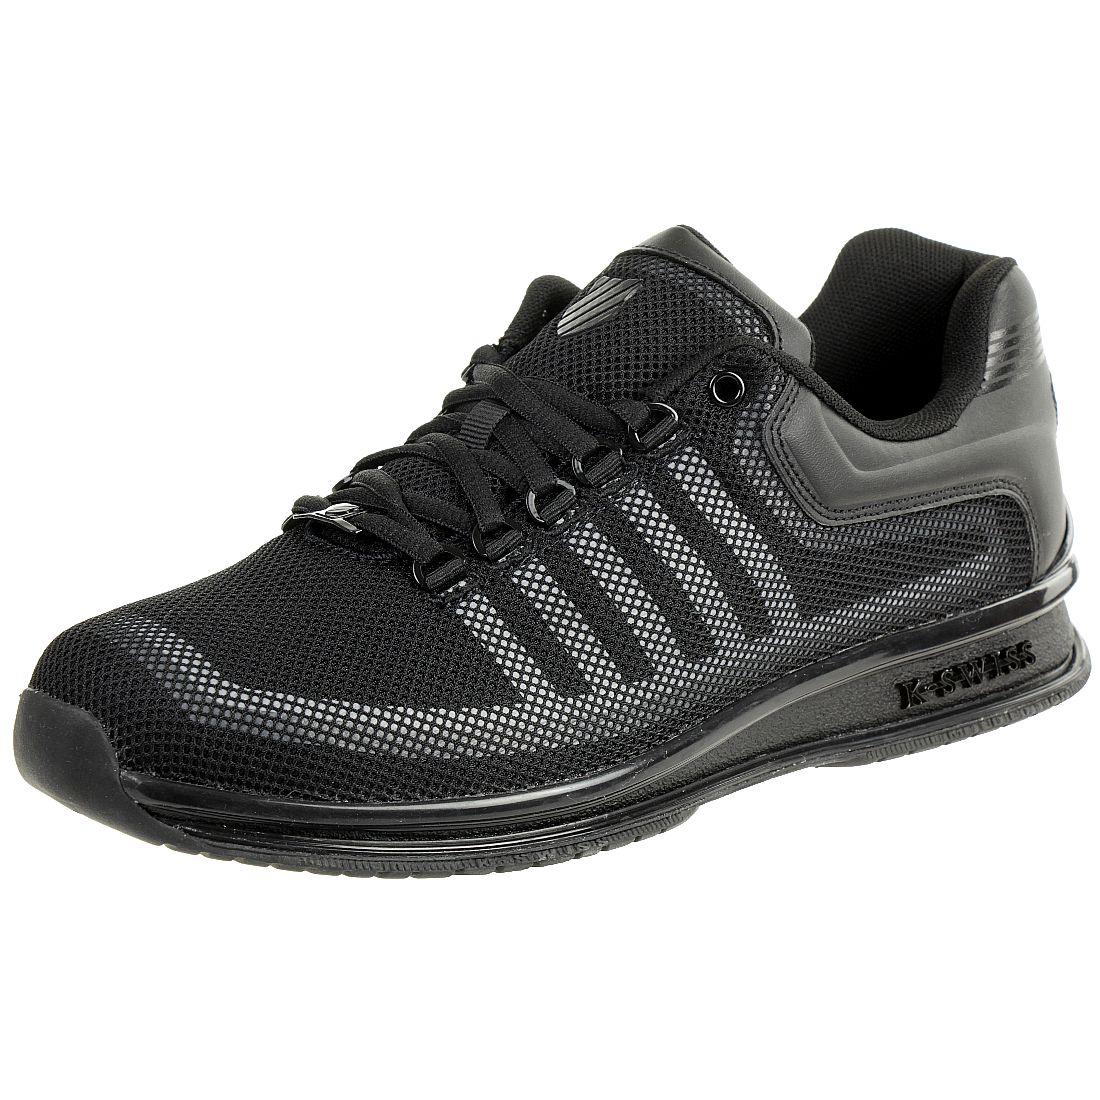 """K-Swiss Sneaker """"Rinzler Trainer"""" (Gr. 42, 43, 44.5, 47) [SNEAKERPROFI]"""